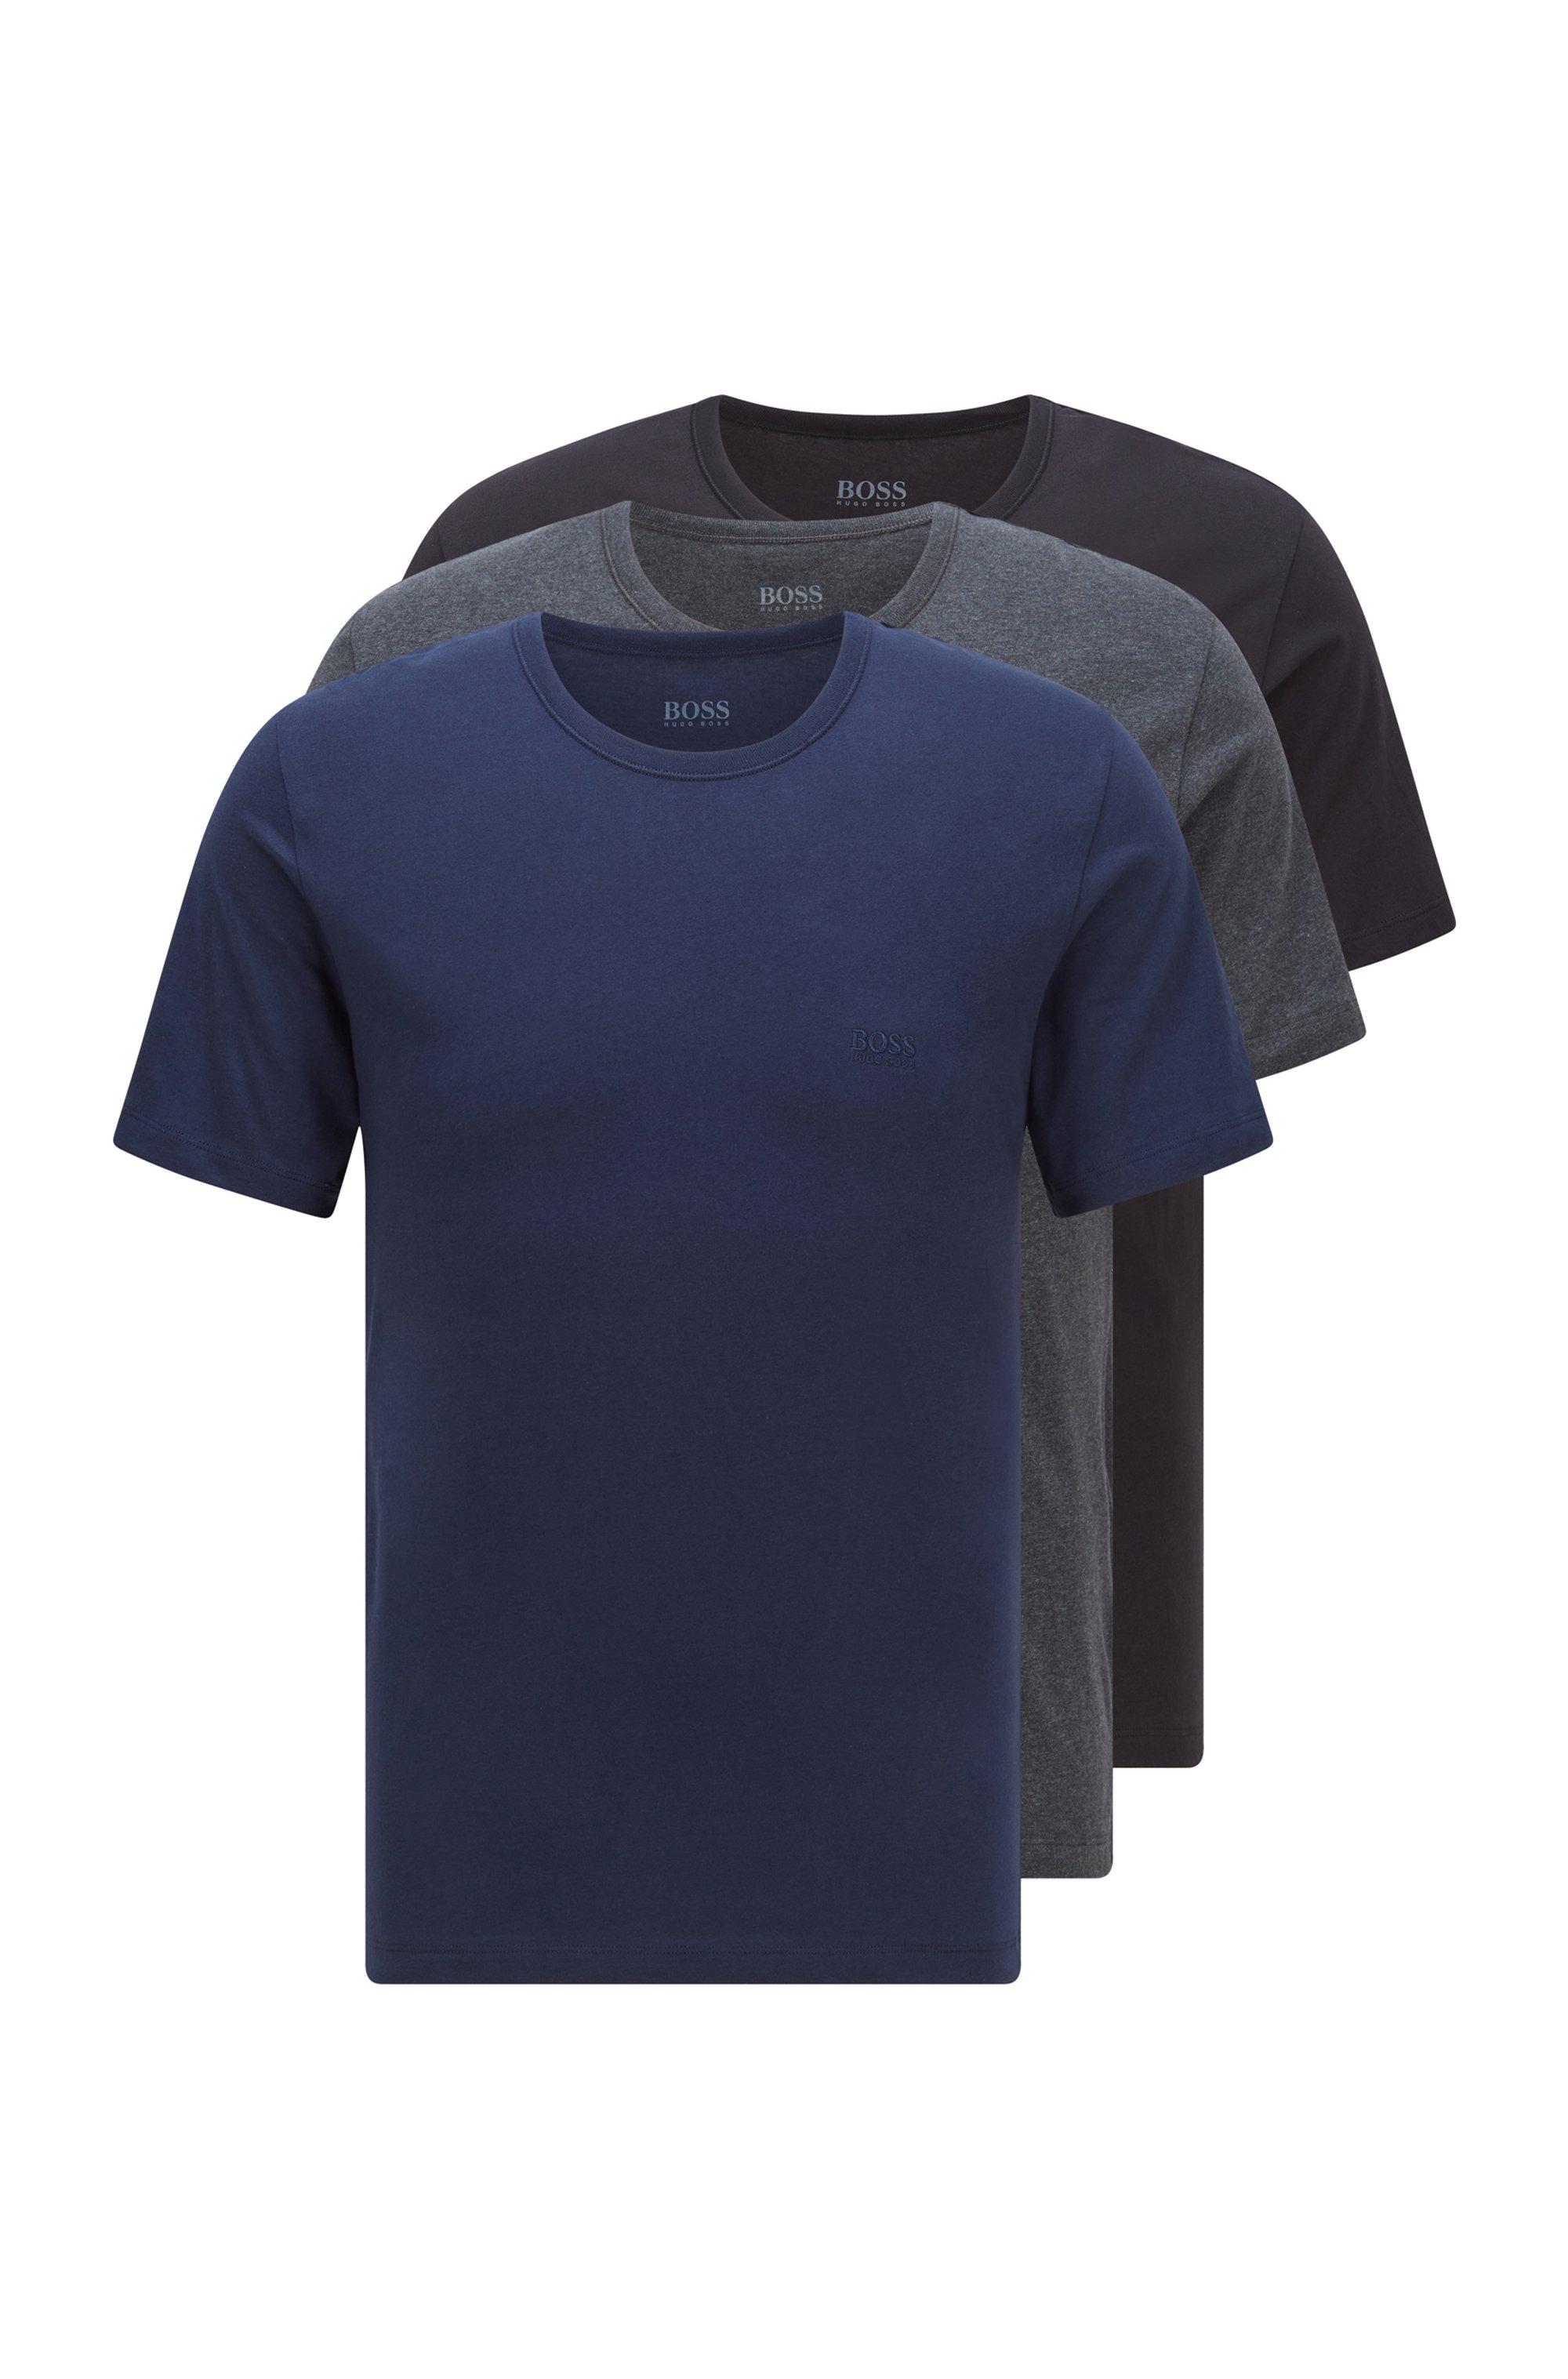 T-shirt regular fit in cotone in confezione da tre, Nero / Grigio / Blu